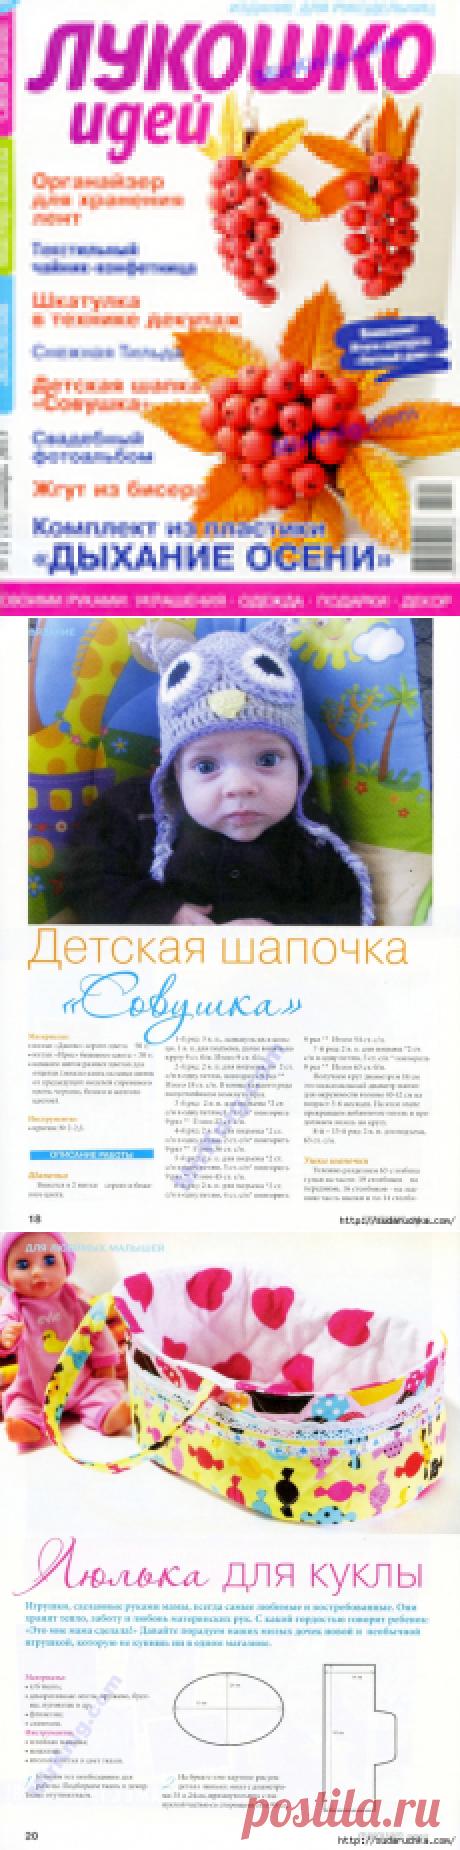 """""""Лукошко идей №11\2013"""". Журнал по рукоделию."""